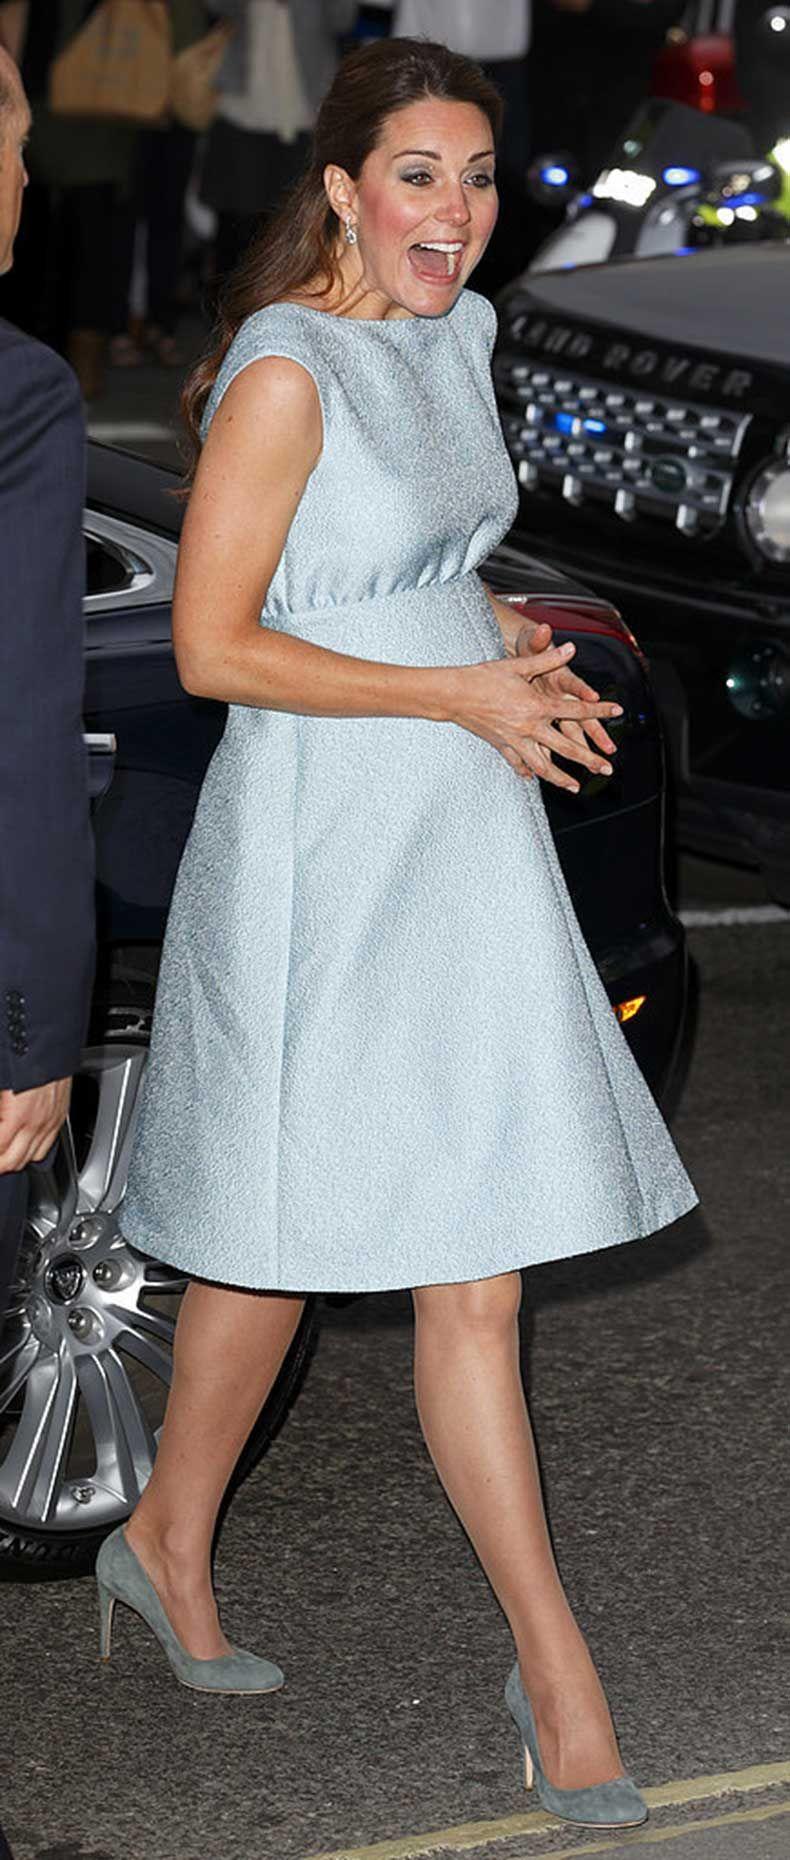 El Truco De Estilo Mejor Guardado De Kate Middleton | Cut & Paste – Blog de…